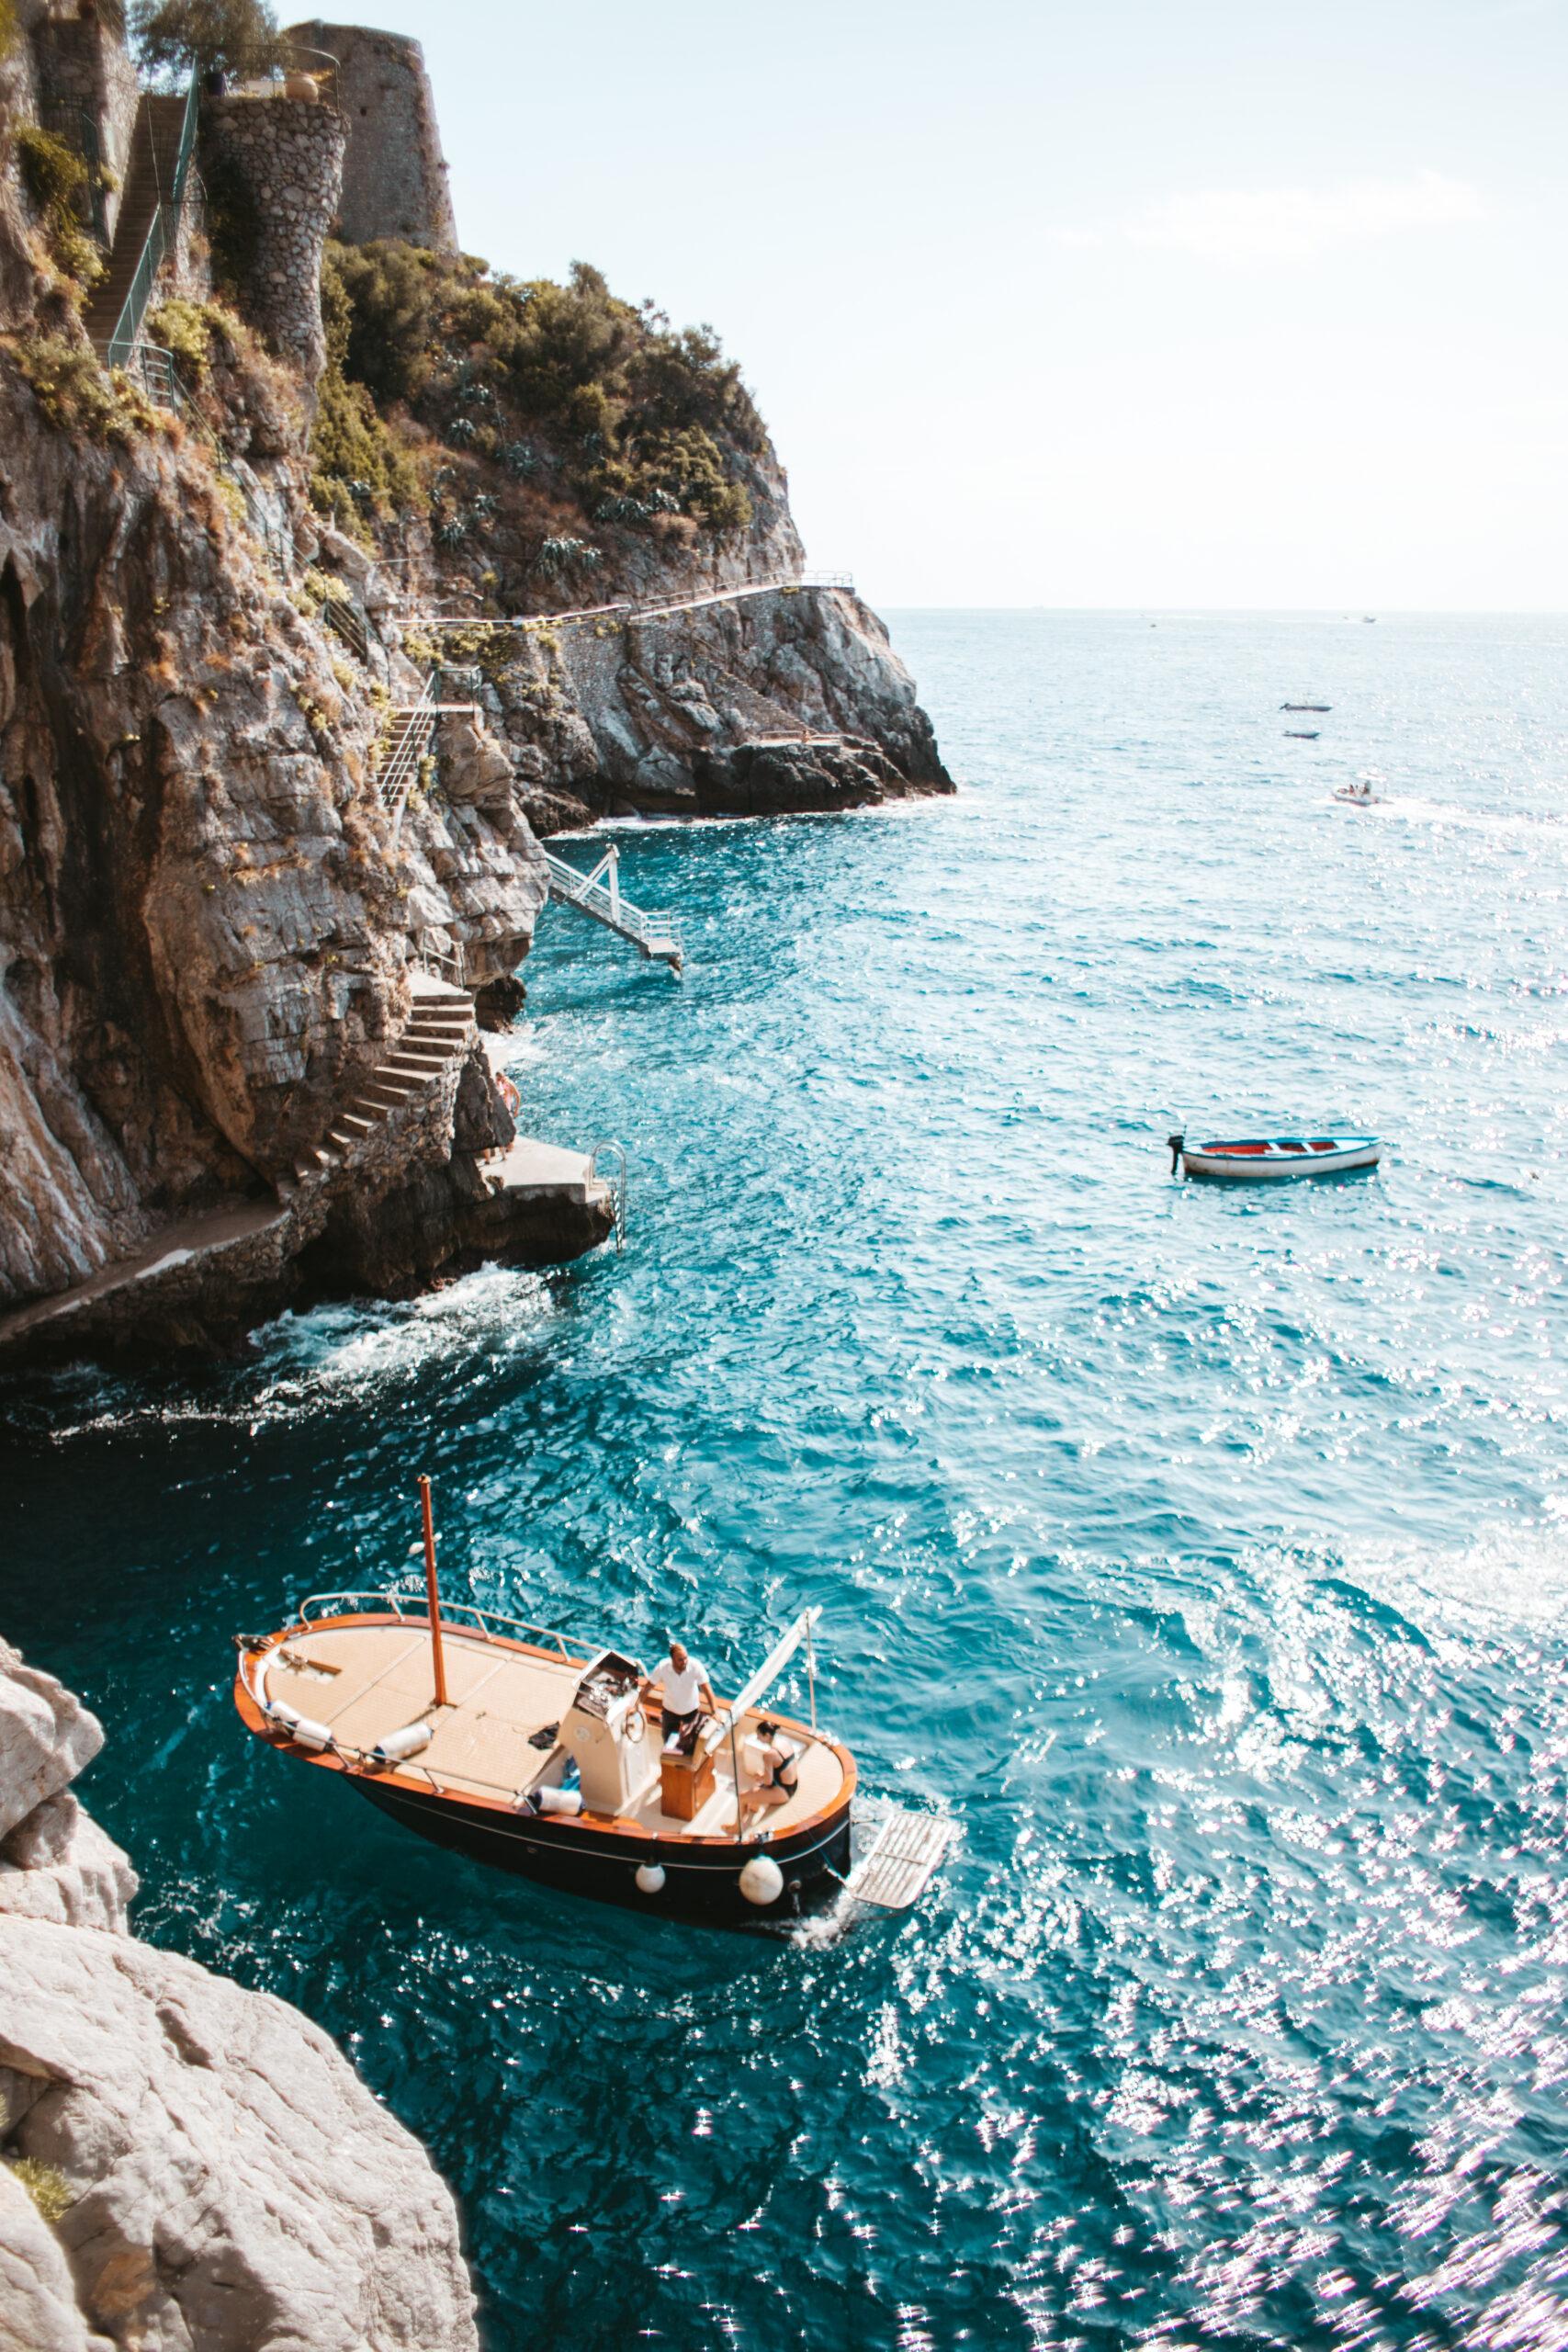 Wybrzeże Amalfi klif, Praiano, Positano, ruiny zamku, łódka, jaskinia, motorówka